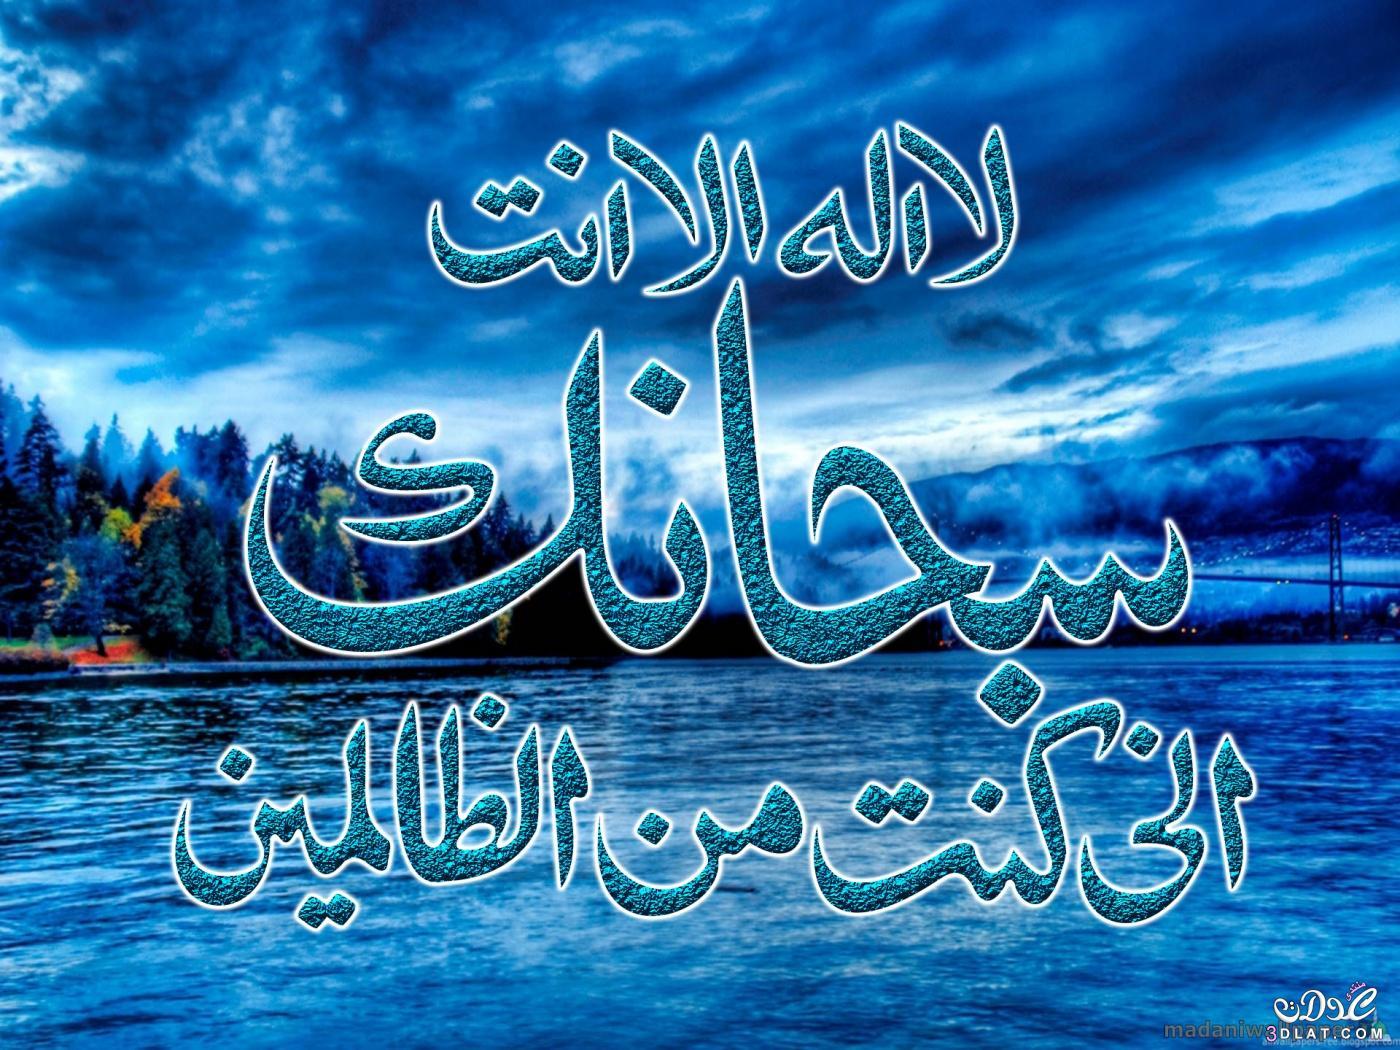 صورة اجمل الصور الاسلامية في العالم , اجمل الصور الاسلامية